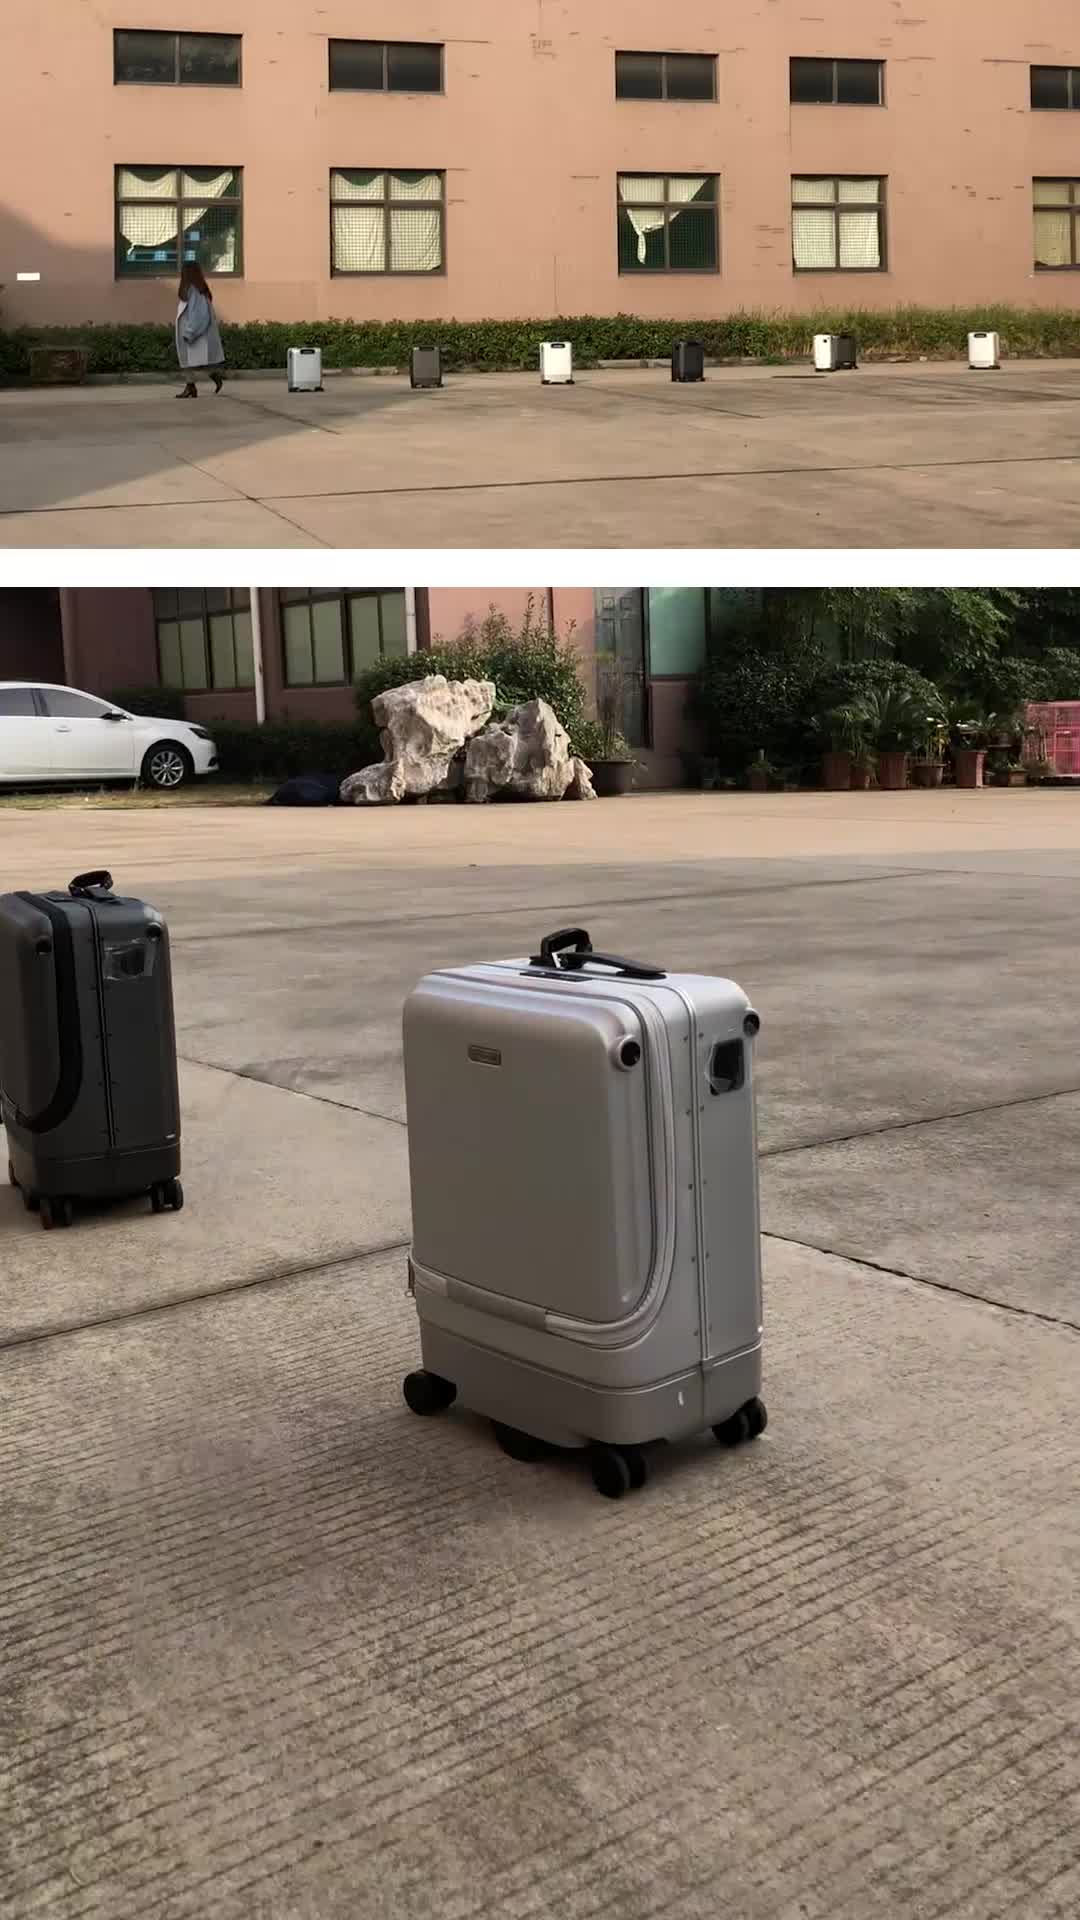 Neue mode-design-PC smart tragen auf gepäck mit folgenden up folgen gepäck folgen koffer